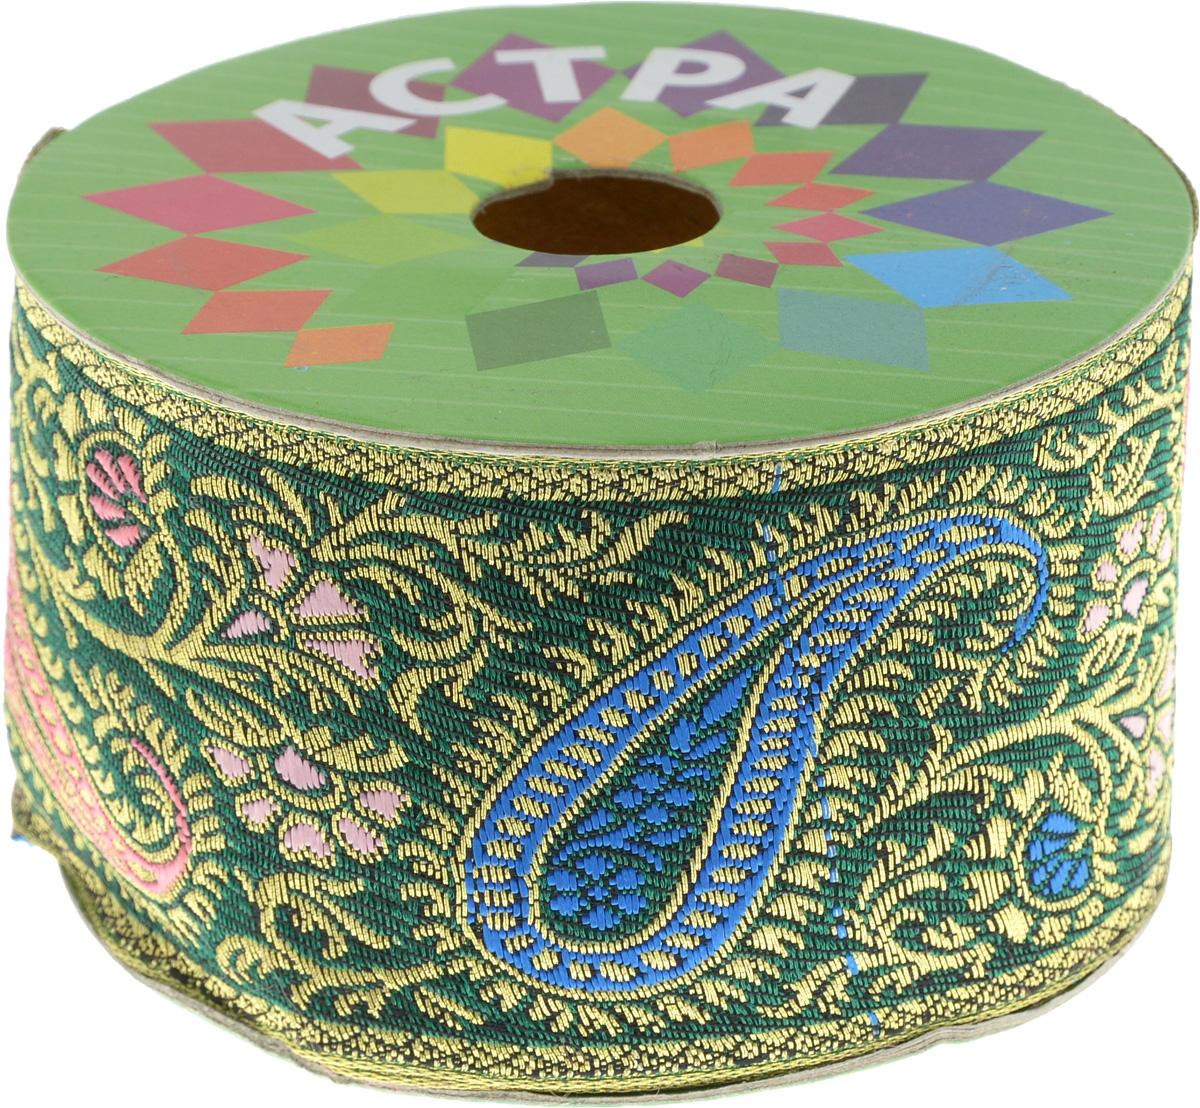 Тесьма декоративная Астра, цвет: зеленый (С4), ширина 6 см, длина 9 м. 77034657703465_C4Декоративная тесьма Астра выполнена из текстиля и оформлена оригинальным жаккардовым орнаментом. Такая тесьма идеально подойдет для оформления различных творческих работ таких, как скрапбукинг, аппликация, декор коробок и открыток и многое другое. Тесьма наивысшего качества и практична в использовании. Она станет незаменимым элементом в создании рукотворного шедевра. Ширина: 6 см. Длина: 9 м.